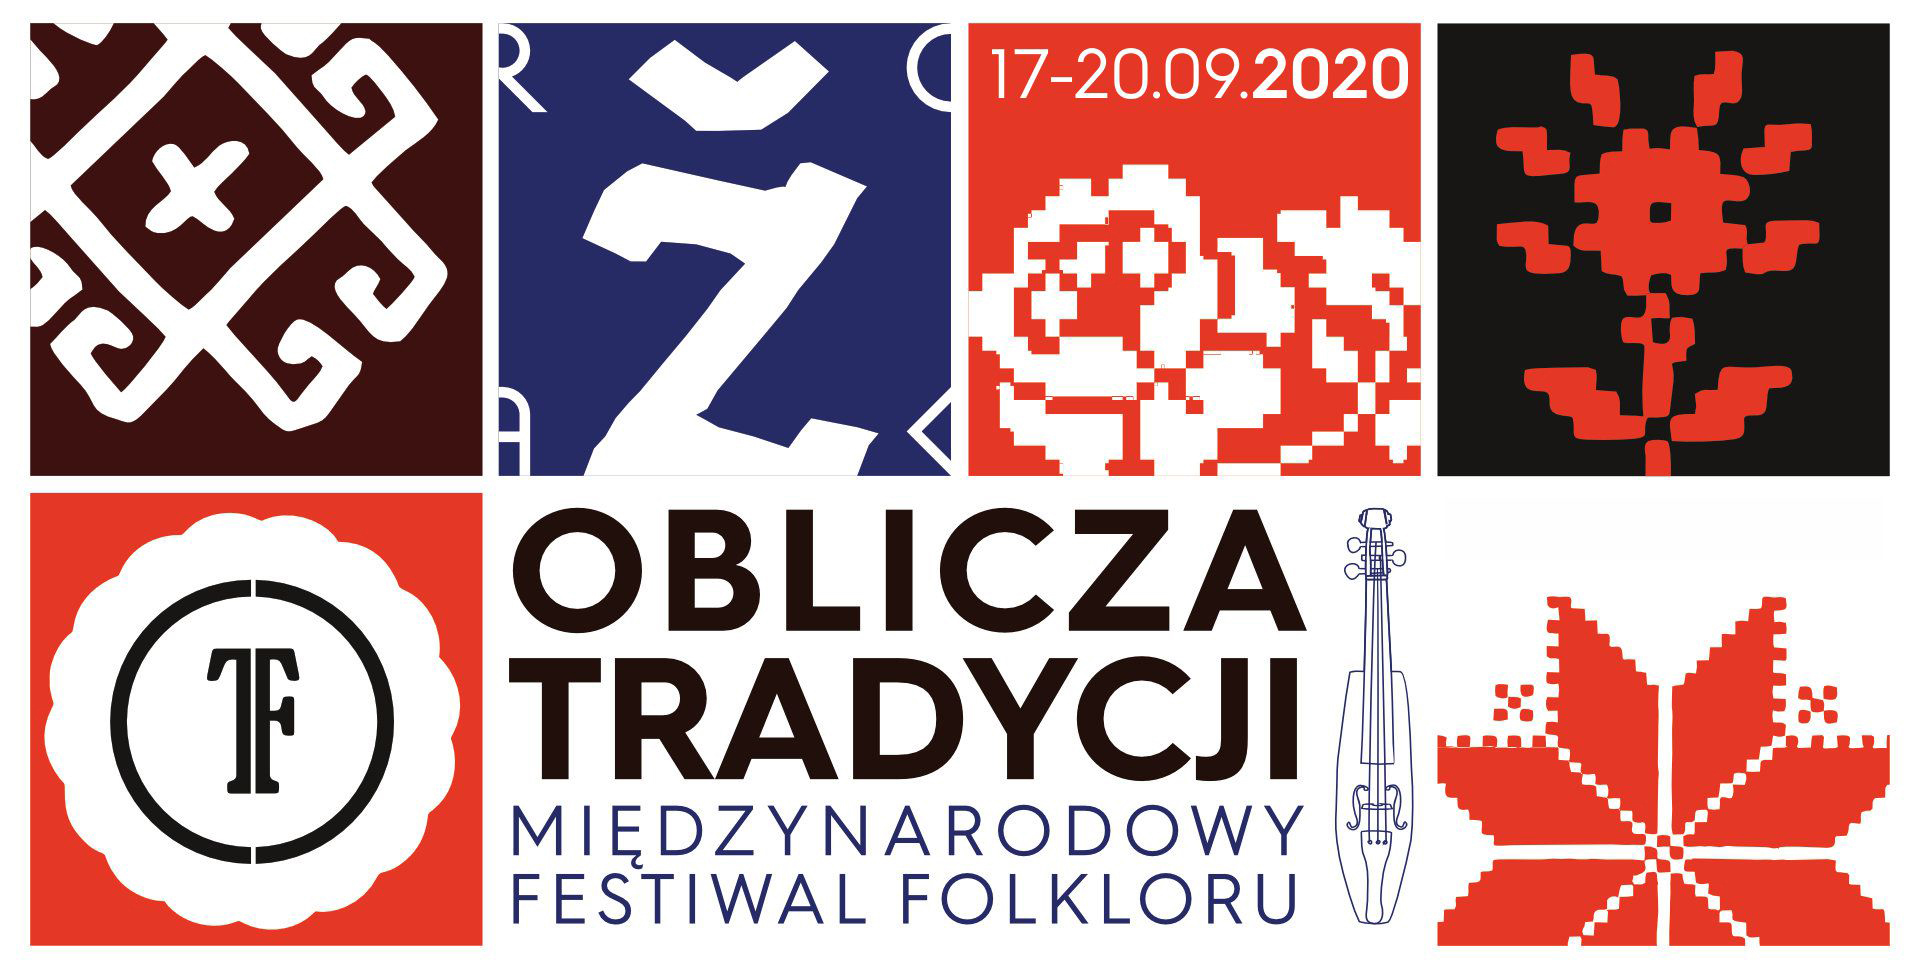 """""""POŁONINY""""  LAUREATEM  na Międzynarodowym Festiwalu Folkloru  OBLICZA TRADYCJI  ZIELONA GÓRA 2020"""